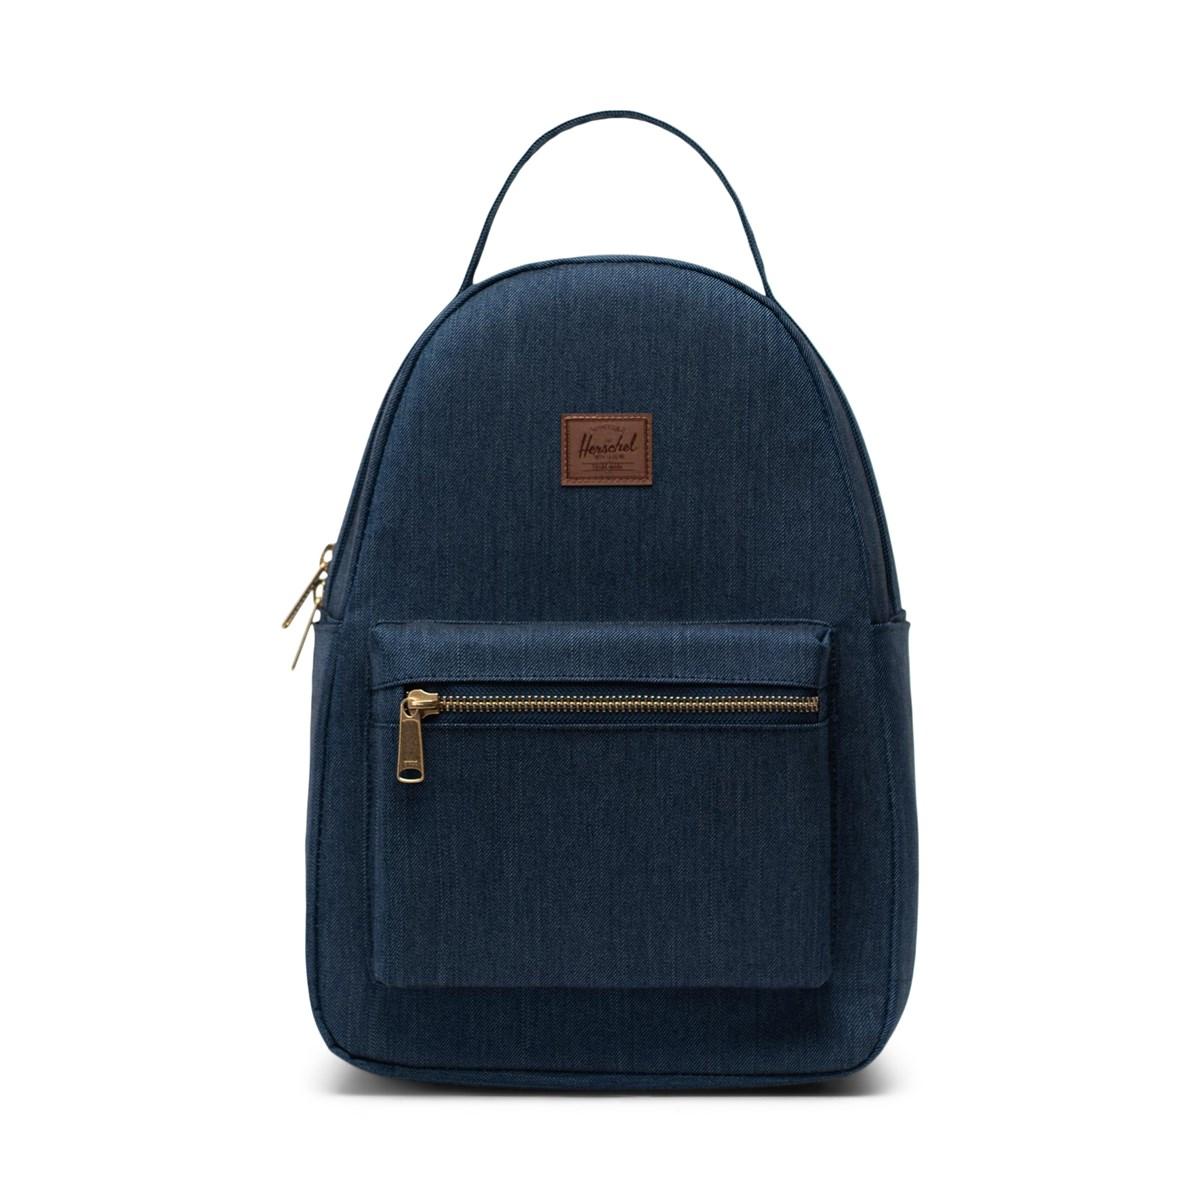 Nova Small Backpack in Blue